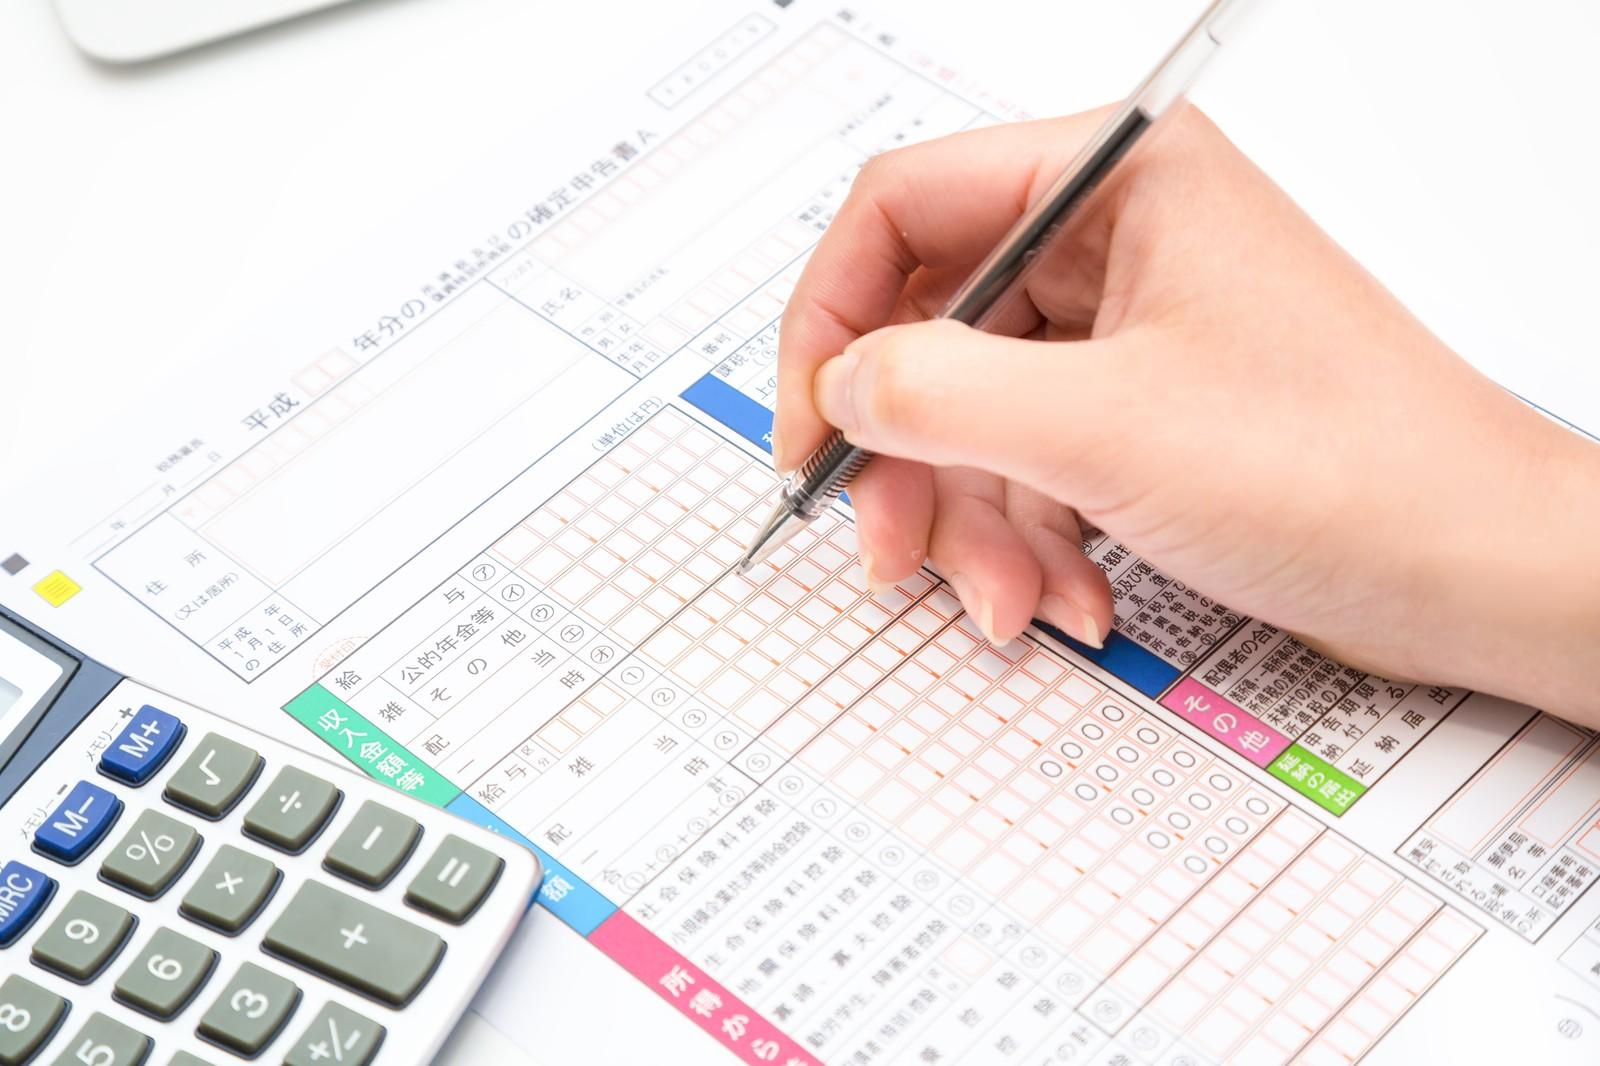 フリーランス・個人事業主の経費になる税金・経費にならない税金、税金の支払う時期まとめ